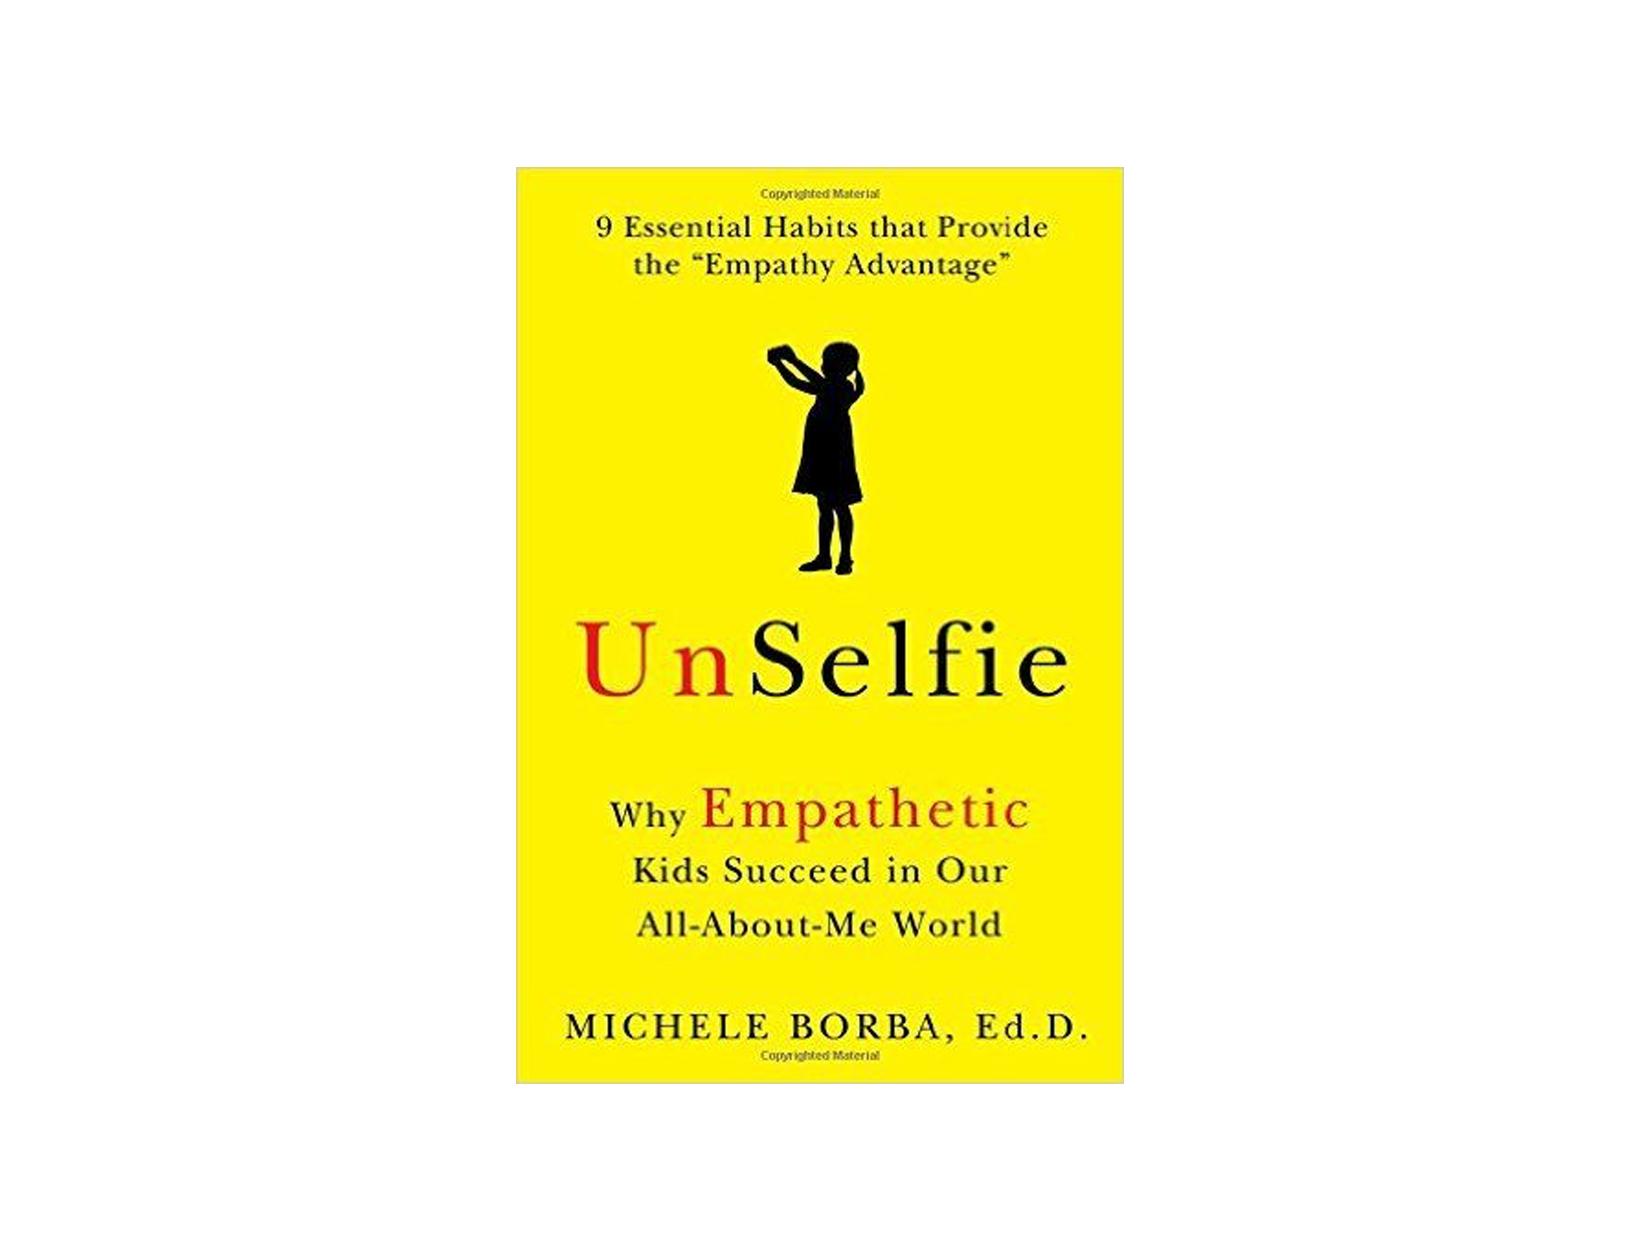 UnSelfie by Michele Borba, Ed.D.